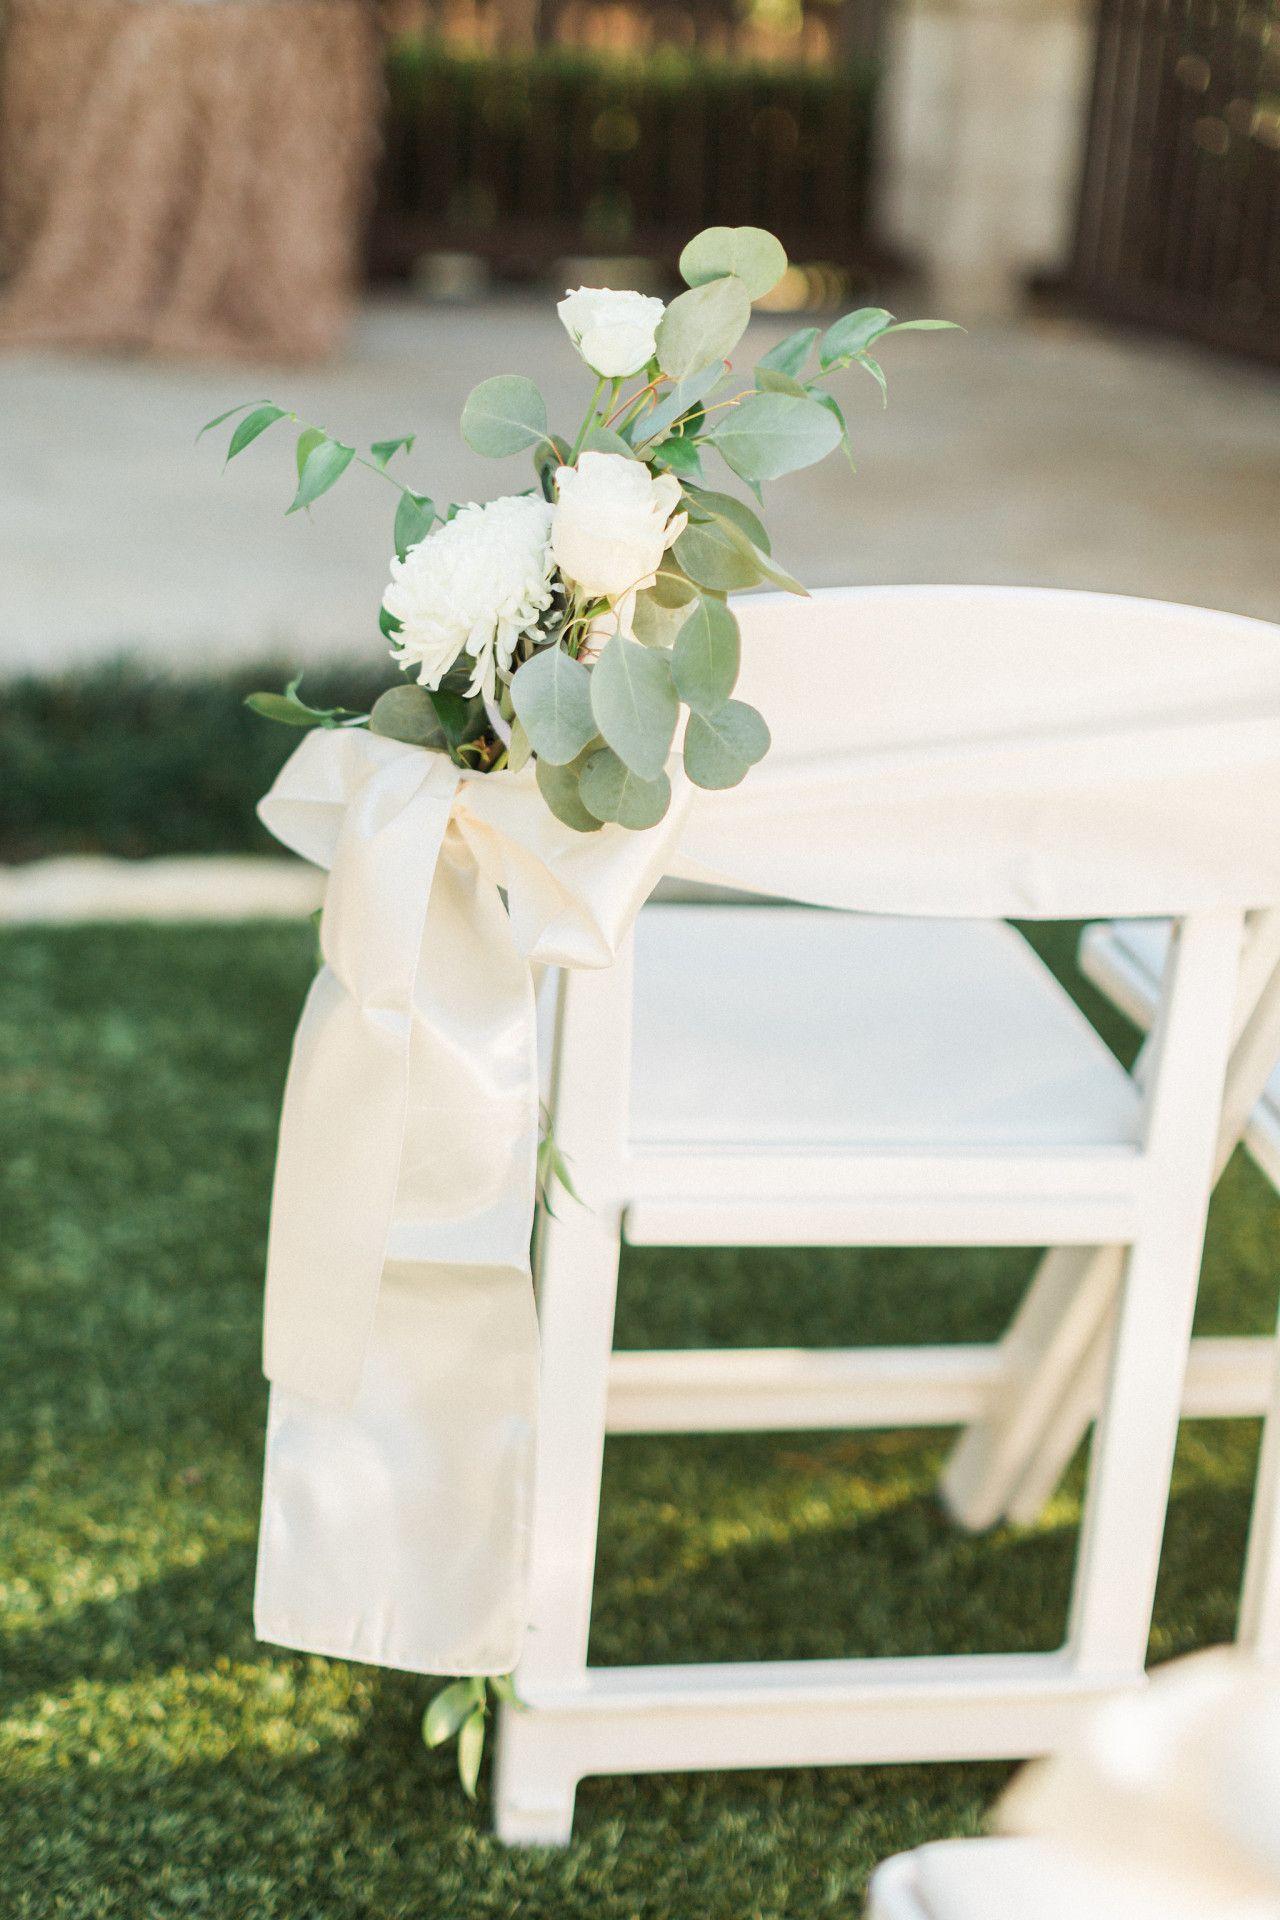 White wedding decor ideas  white wedding aisle marker  outdoor wedding aisle marker  outdoor